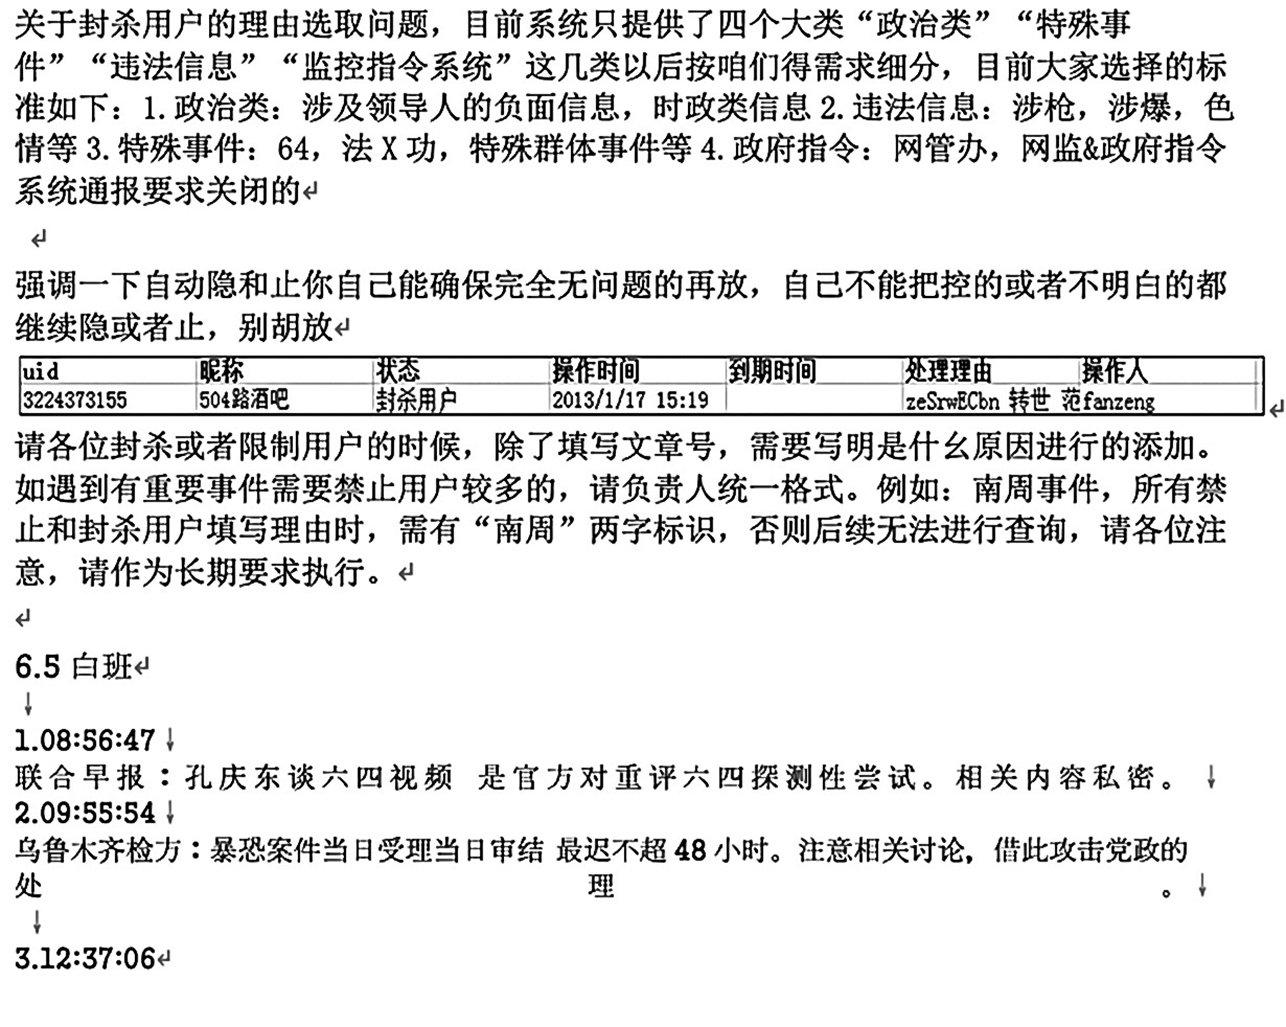 2014年6月5日新浪微博審核日誌部份。(劉力朋提供)